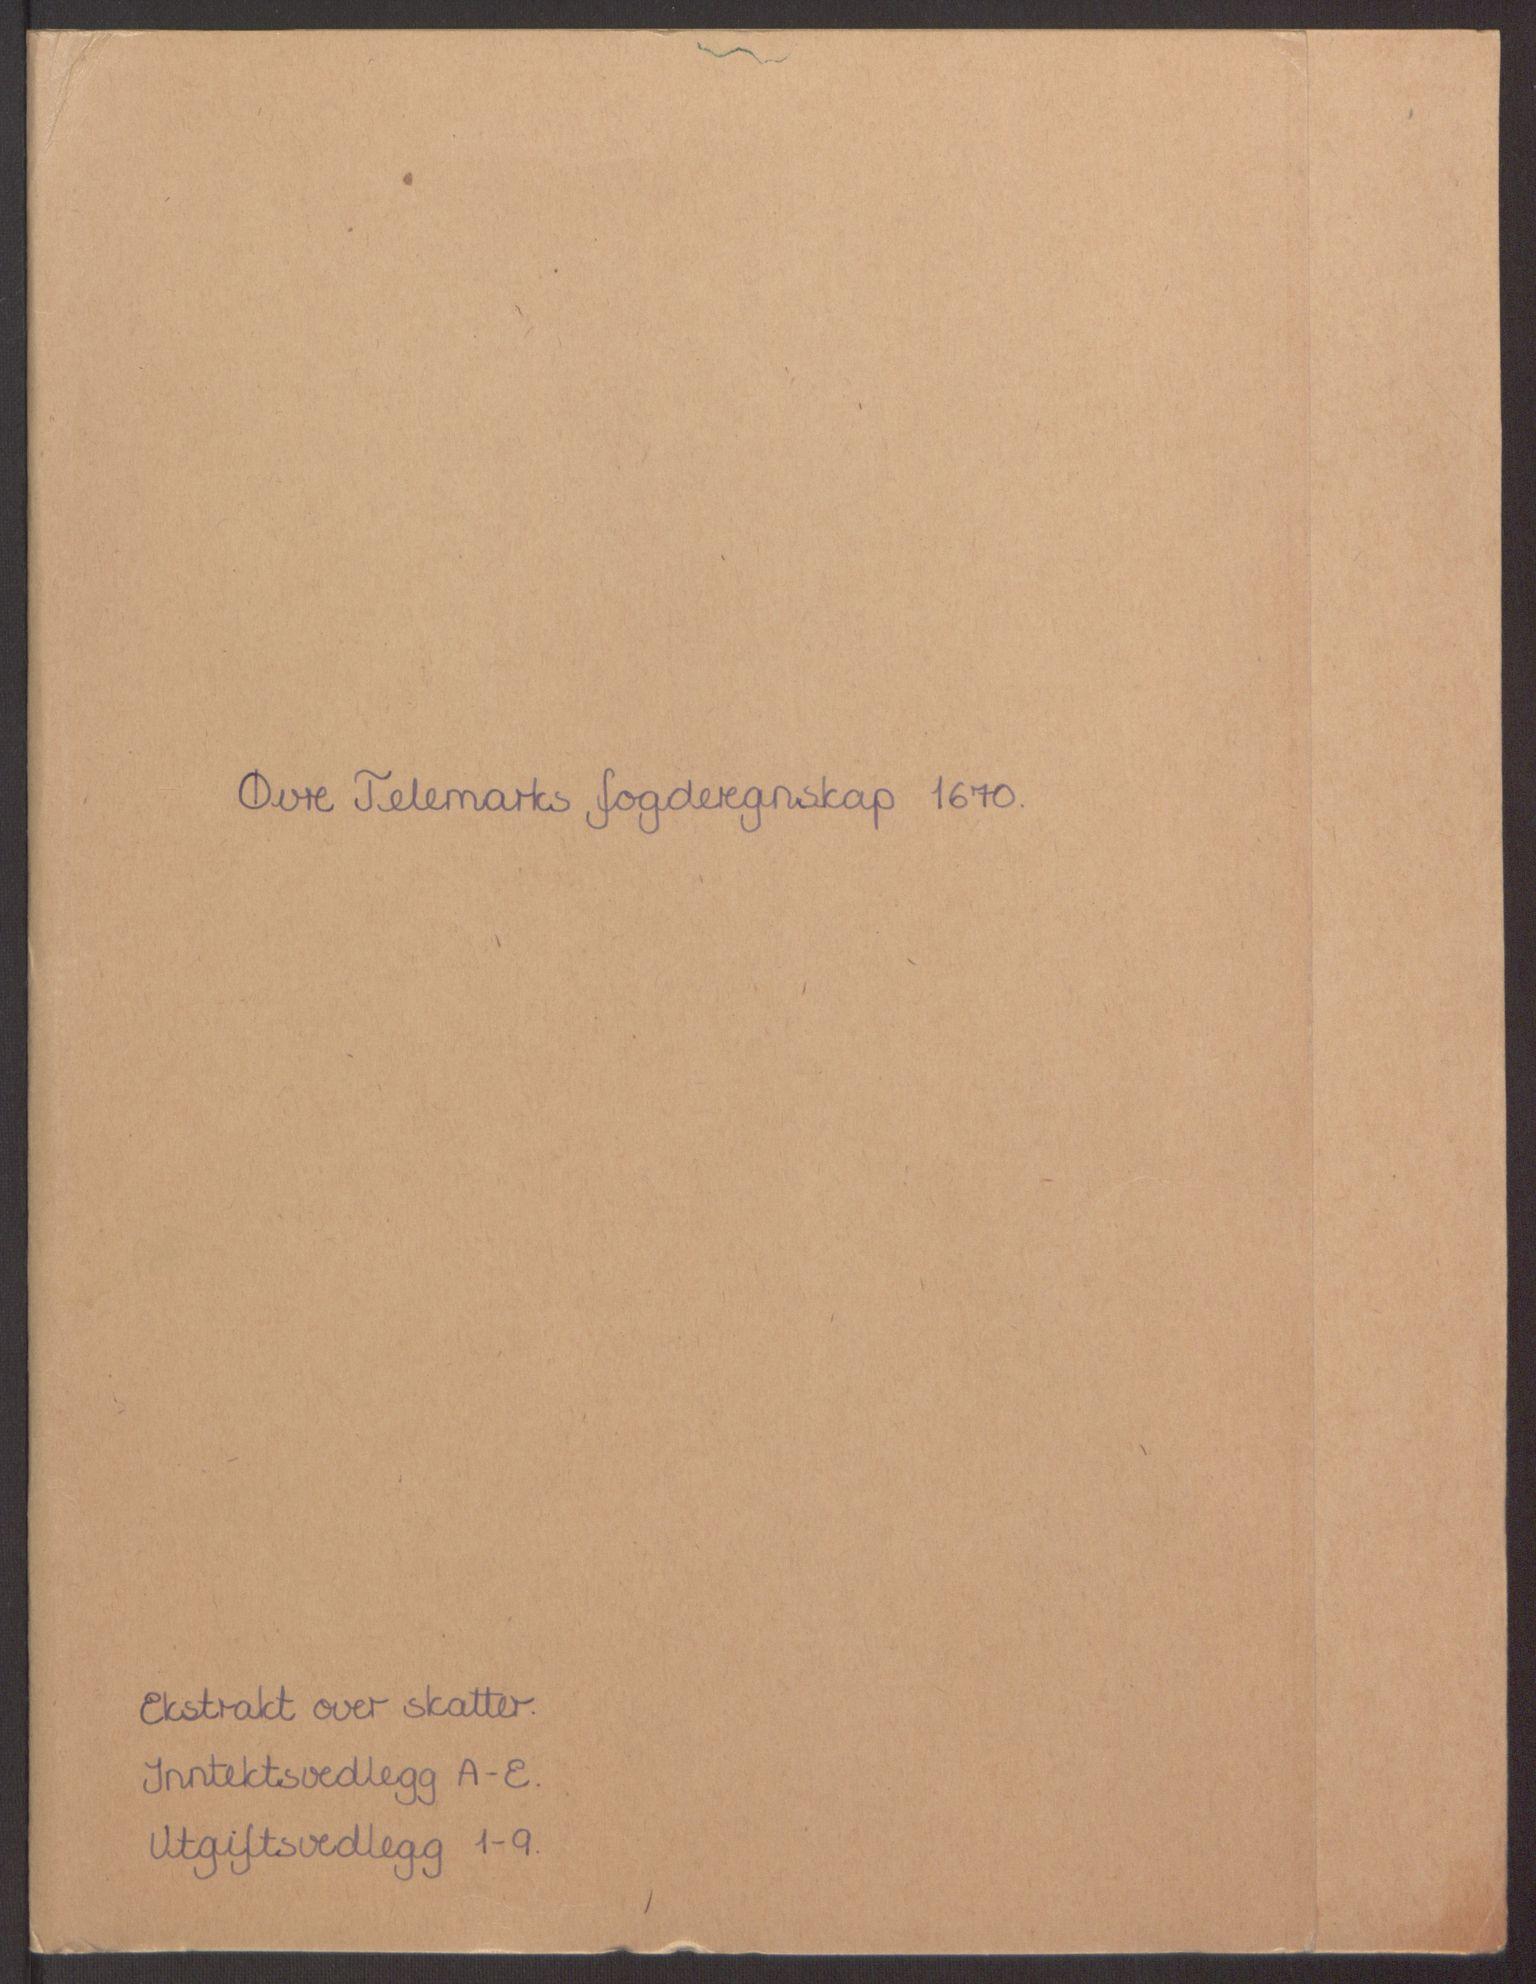 RA, Rentekammeret inntil 1814, Reviderte regnskaper, Fogderegnskap, R35/L2059: Fogderegnskap Øvre og Nedre Telemark, 1668-1670, s. 85